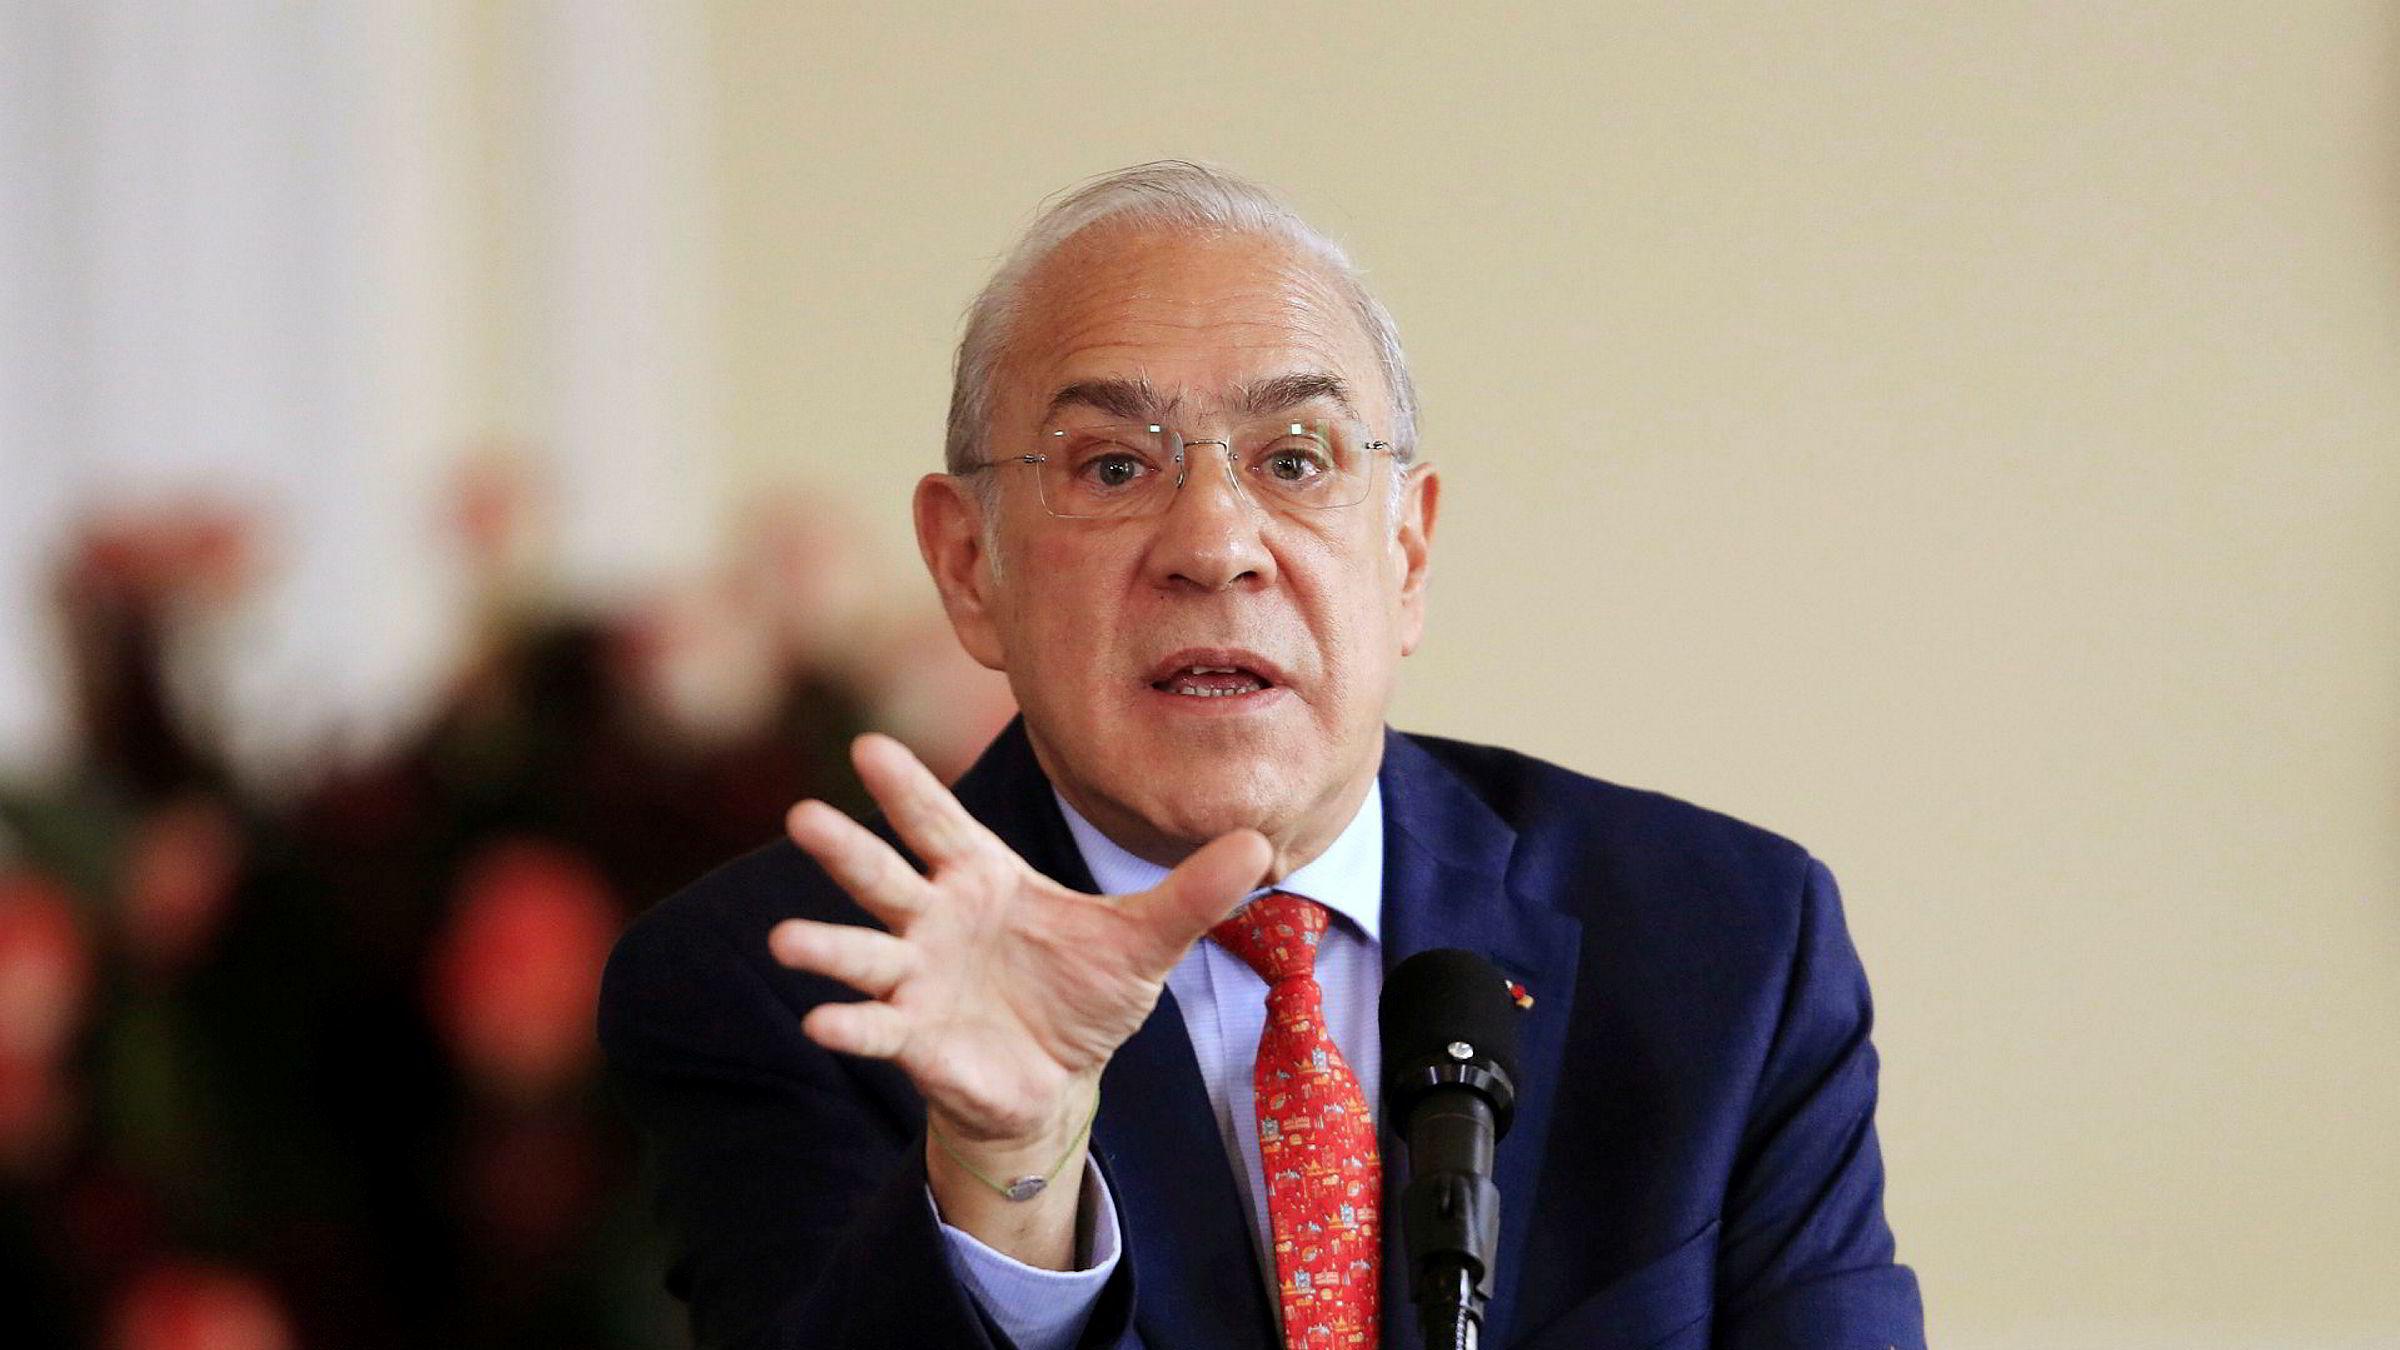 Angel Gurría er generalsekretær i de rike landenes samarbeidsorganisasjon, OECD. Han advarer om at selskapene har rekordhøy gjeld.